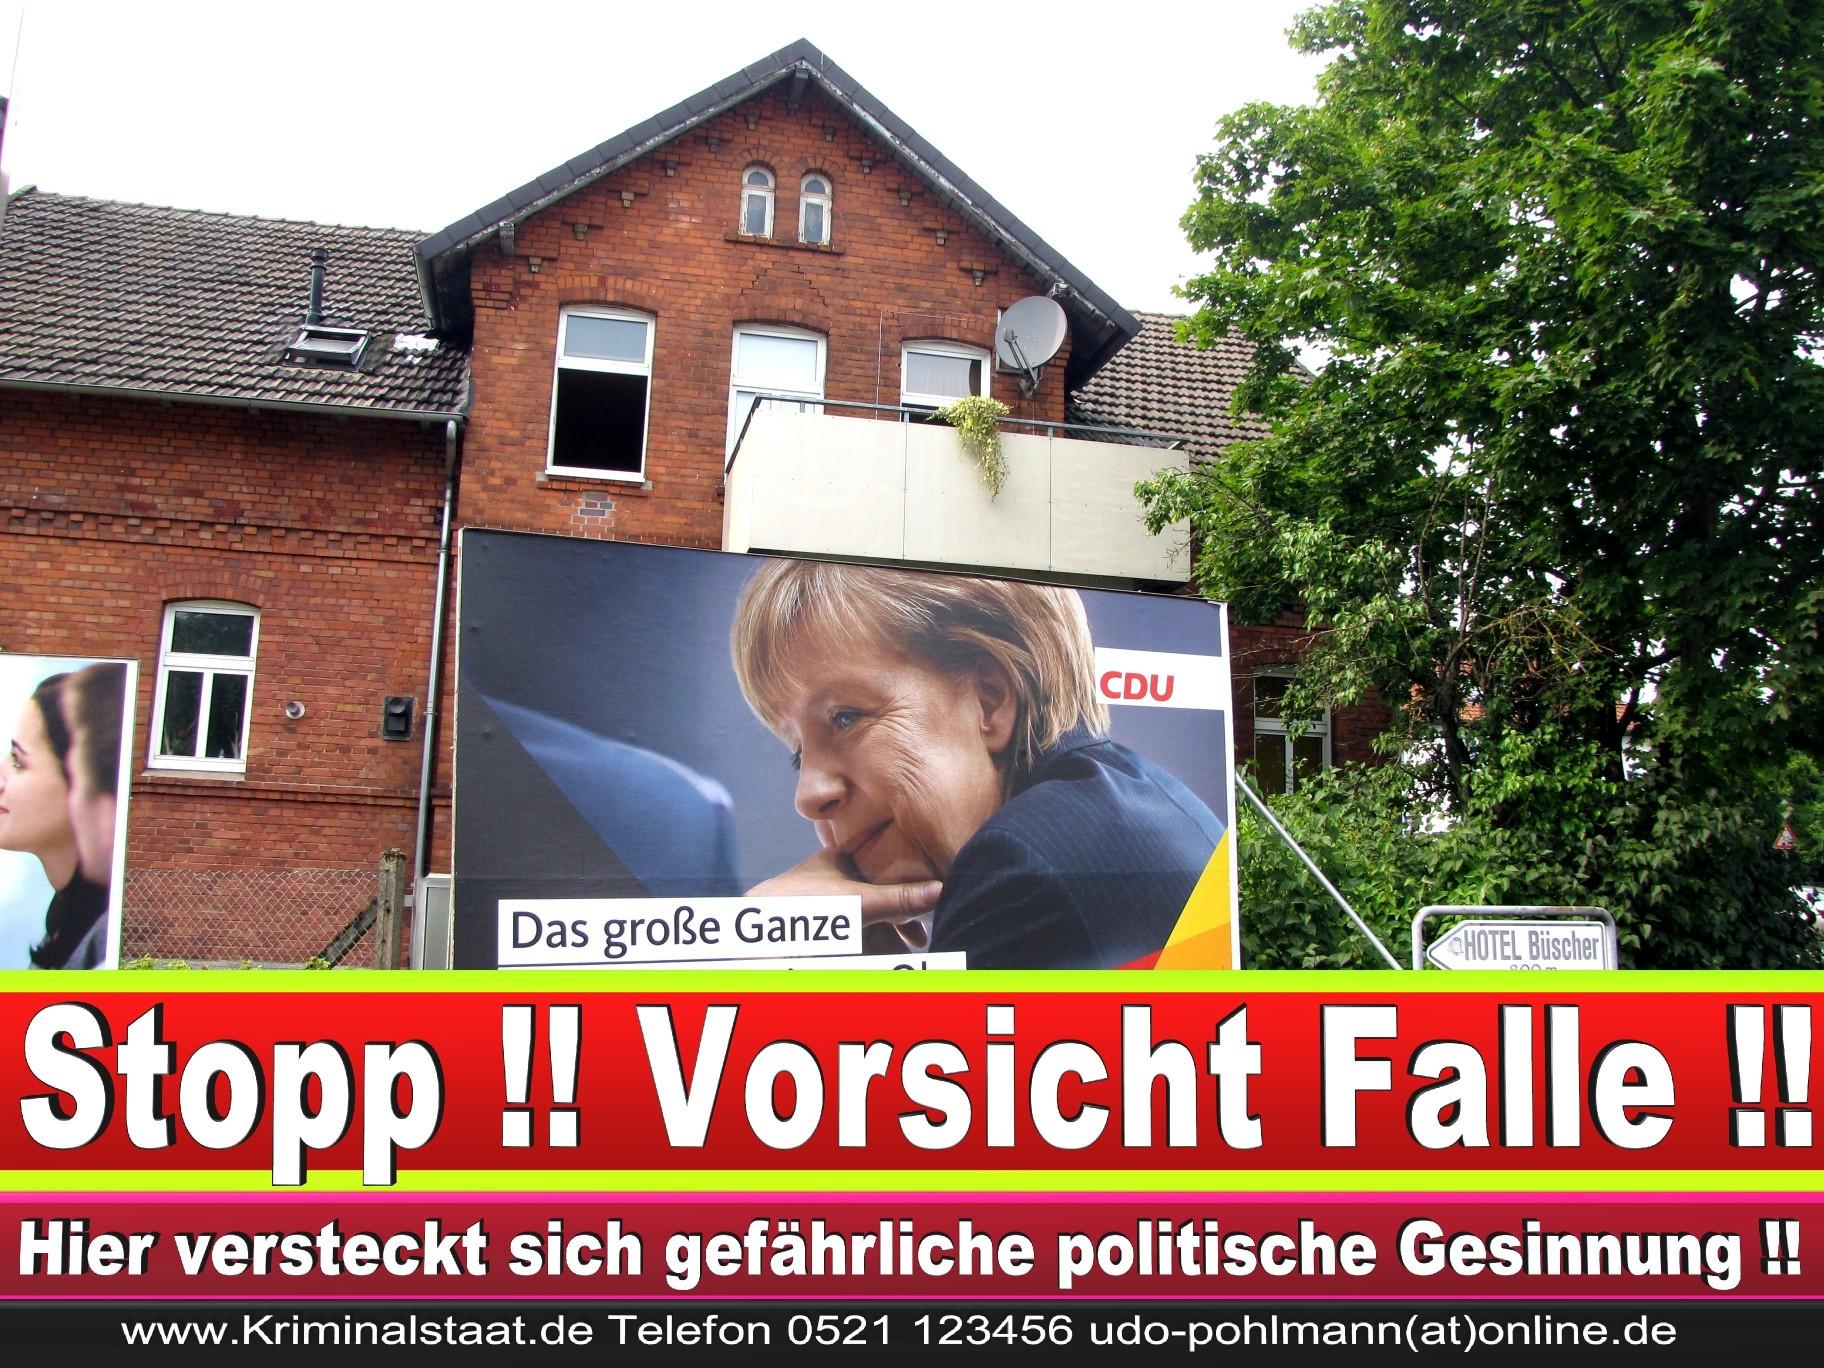 Wahlwerbung Wahlplakate Landtagswahl 2019 Europawahl CDU SPD FDP 2021 (83)